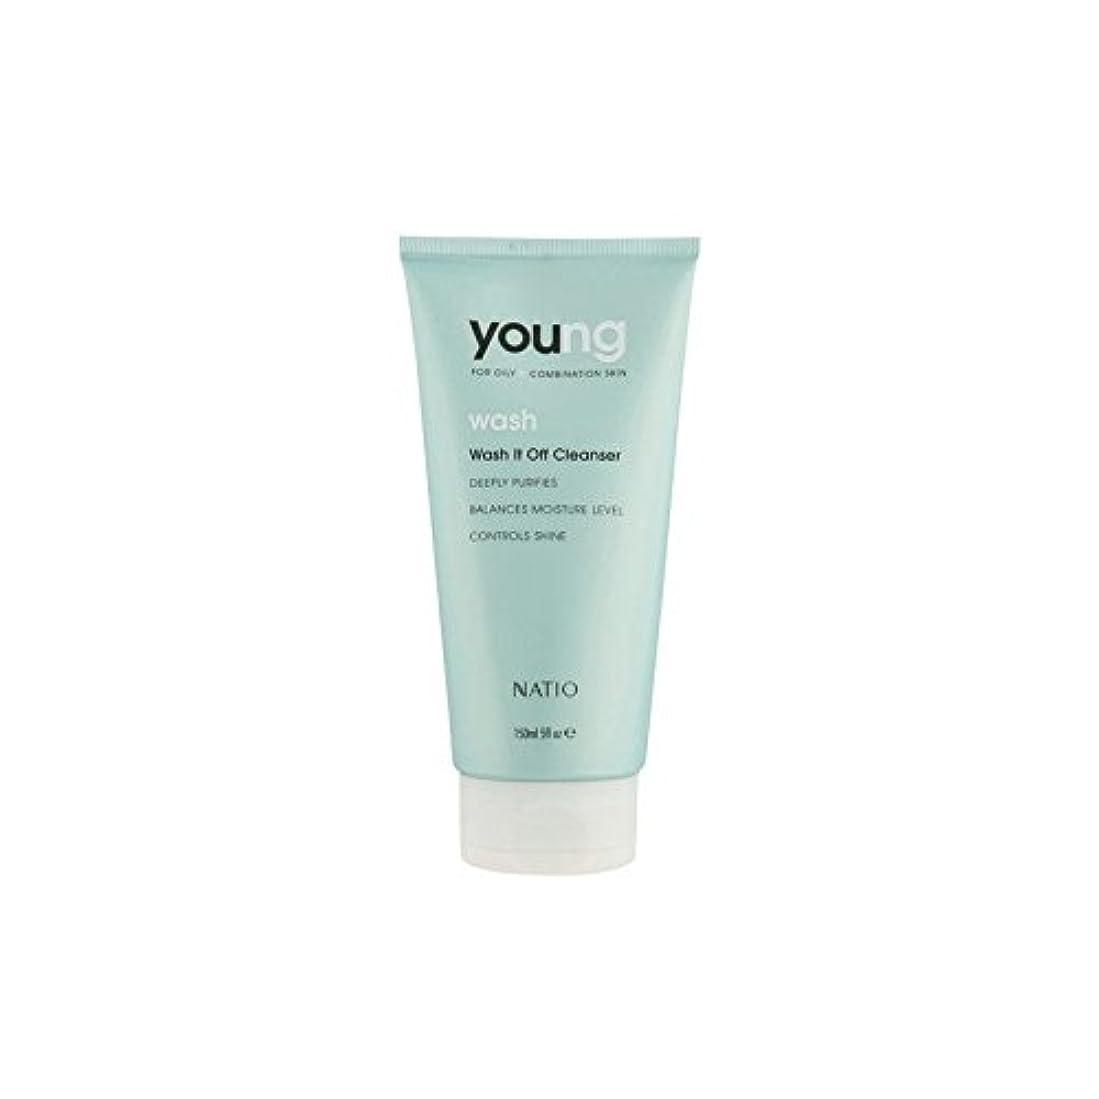 フィドル葉を拾う契約するNatio Young Wash It Off Cleanser (150ml) (Pack of 6) - 若いウォッシュそれオフクレンザー(150ミリリットル) x6 [並行輸入品]